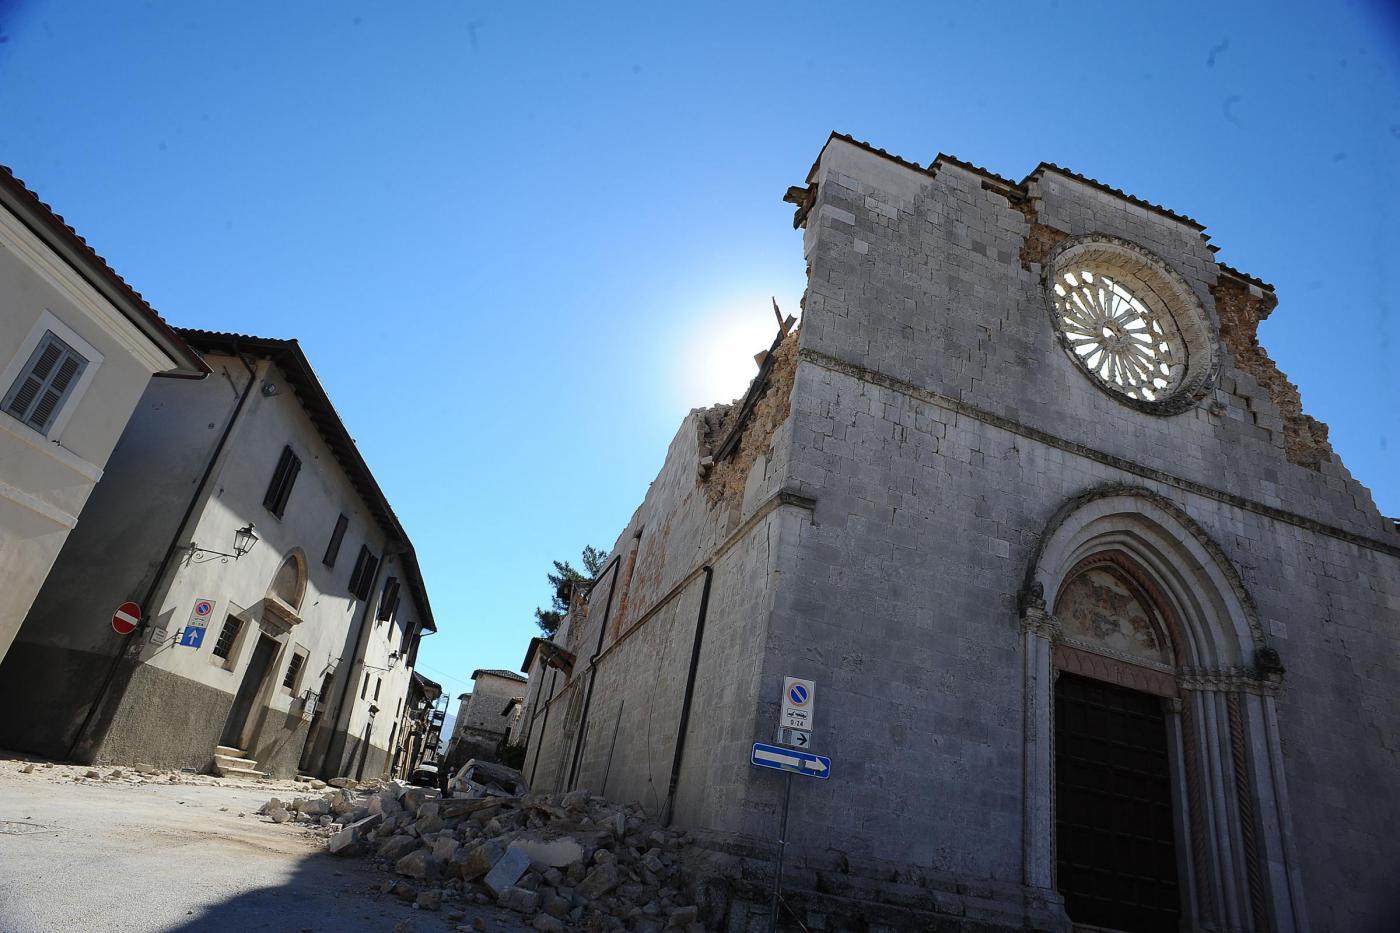 Terremoto Centro Italia: nuova forte scossa di magnitudo 6,5 con epicentro tra Perugia e Macerata